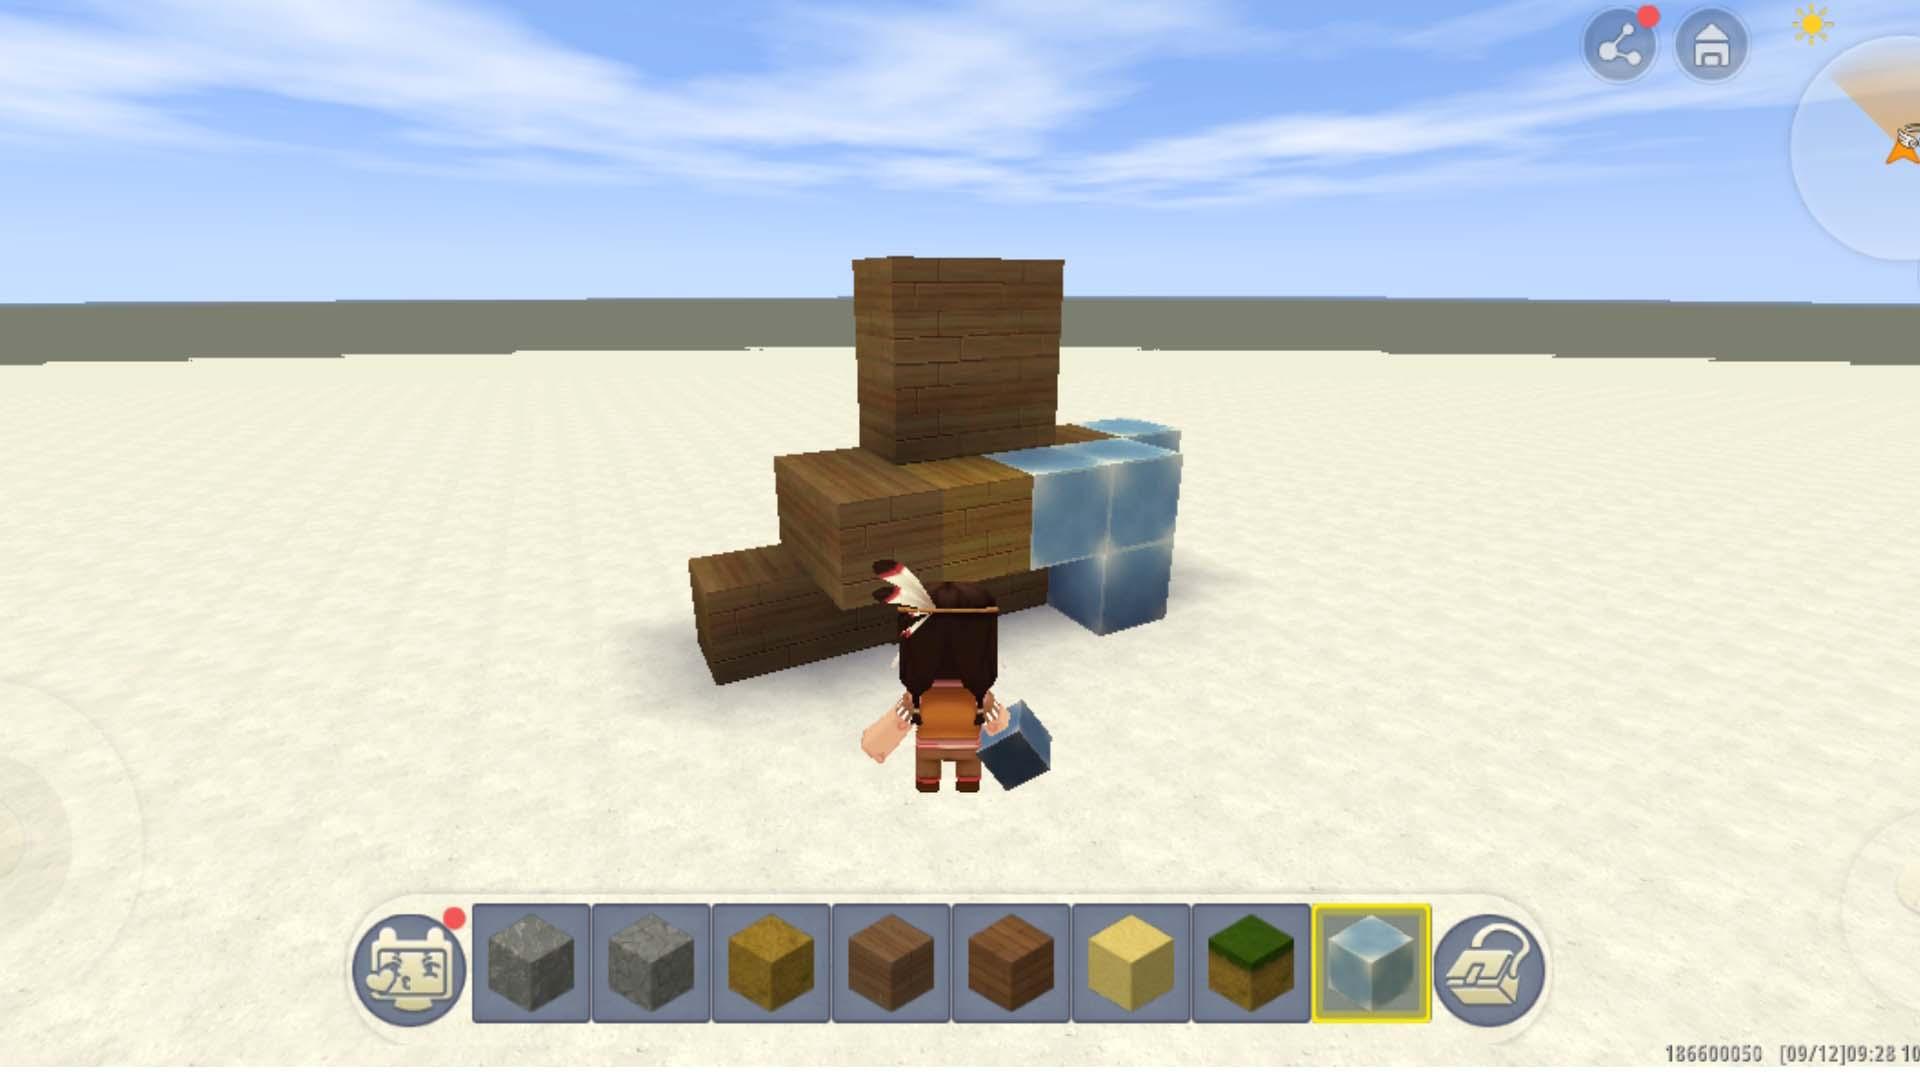 Imagem de um personagem criando blocos no Mini World